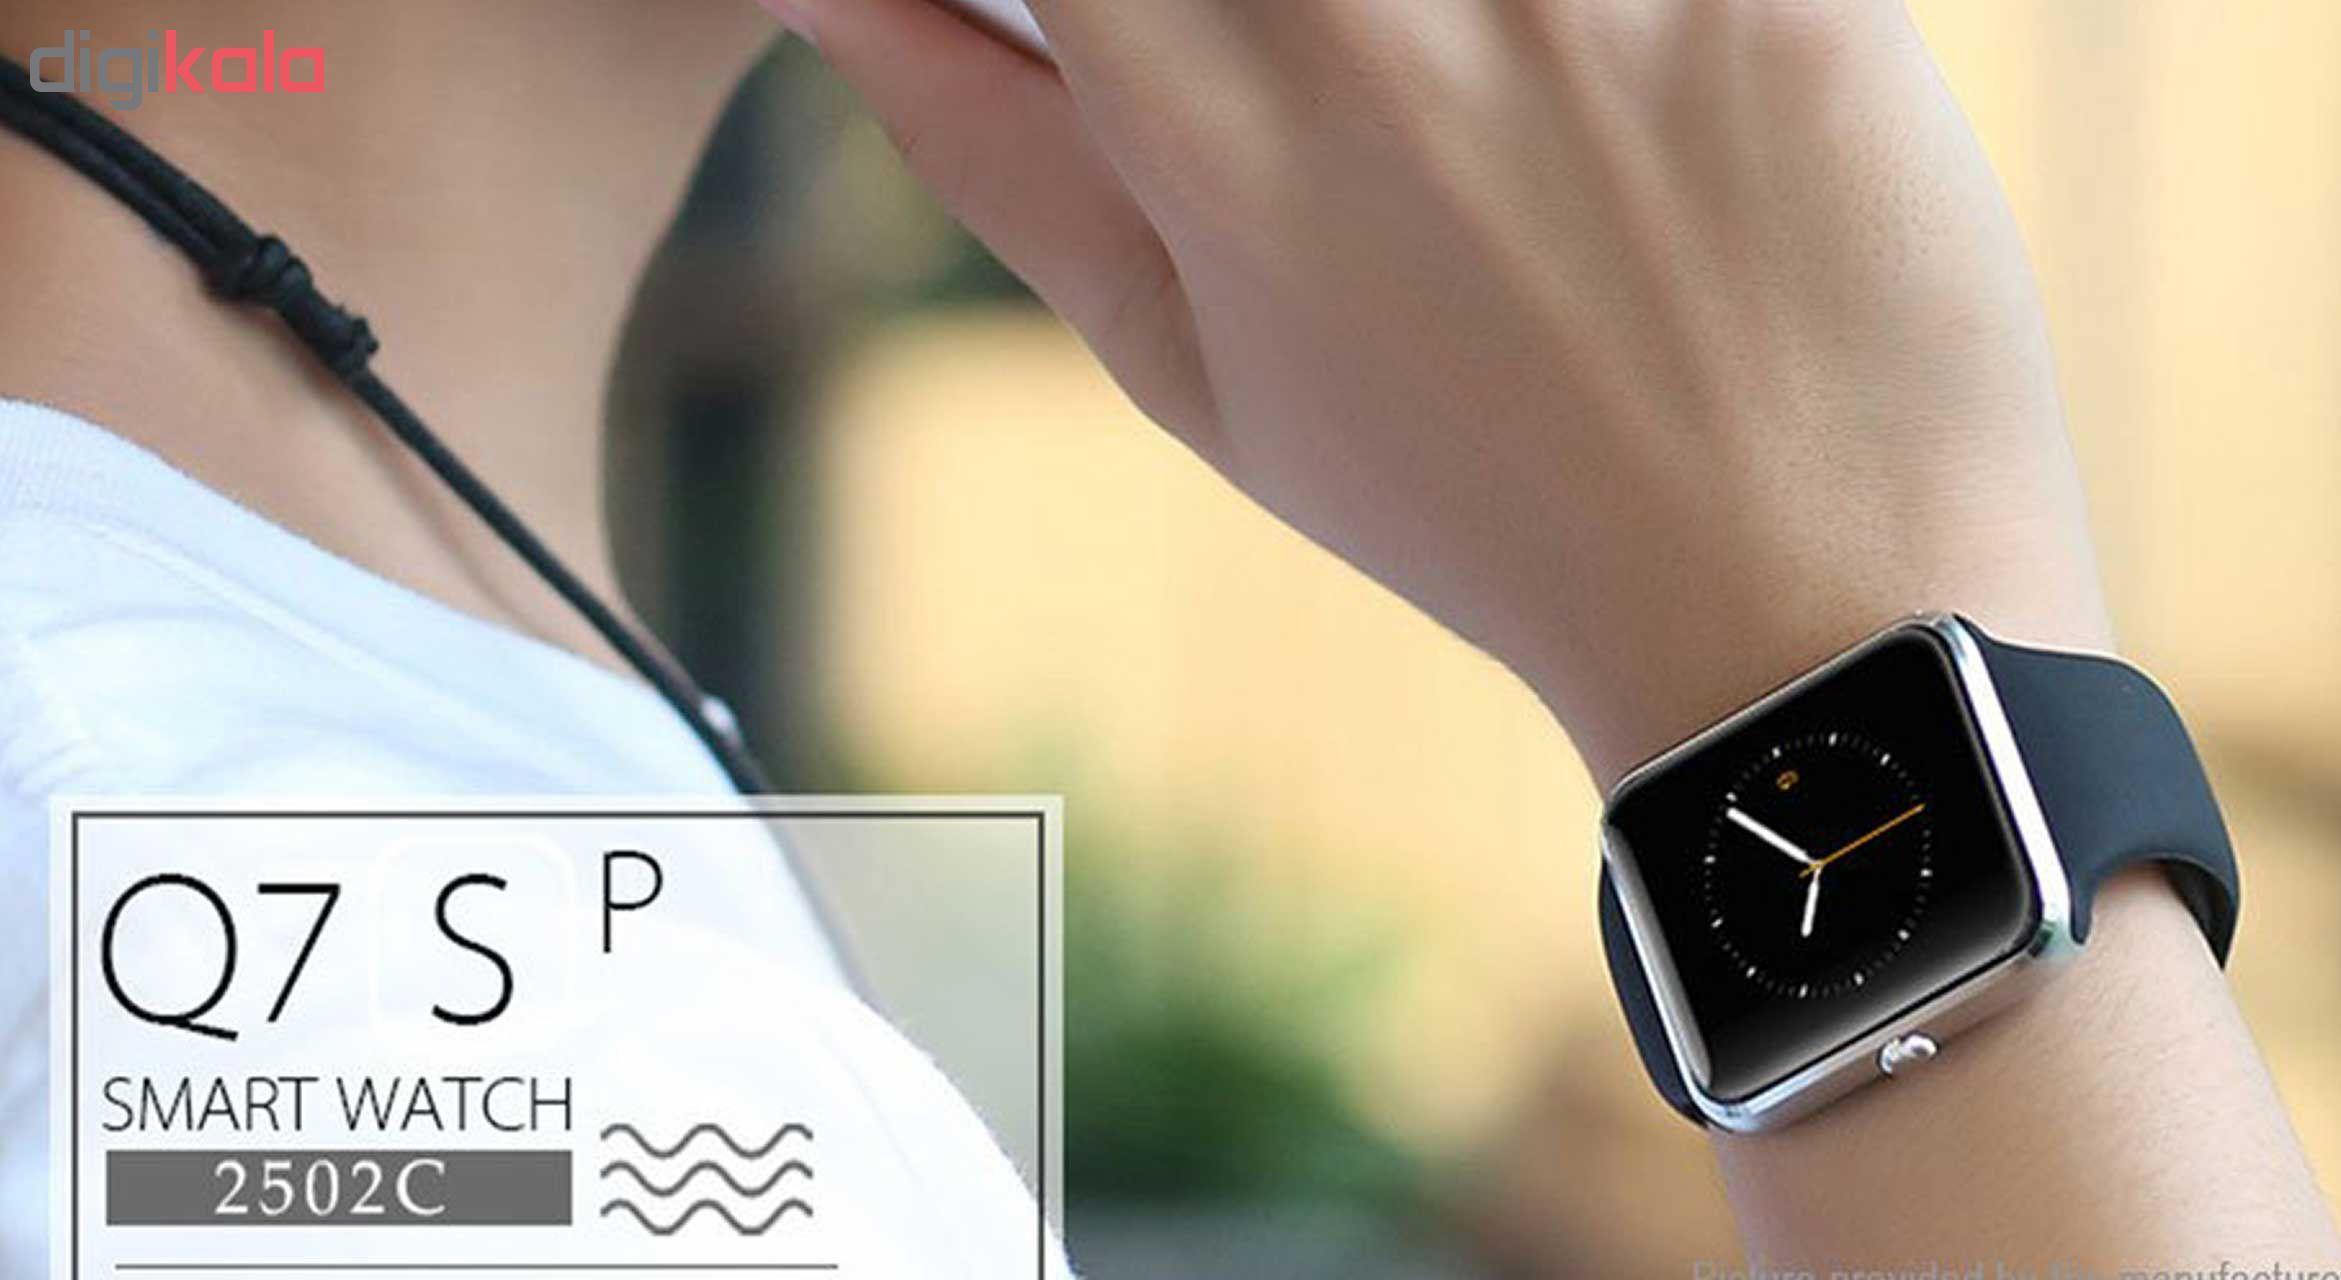 ساعت هوشمند مدل Q7sp همراه محافظ صفحه نمایش شیدتگ main 1 11